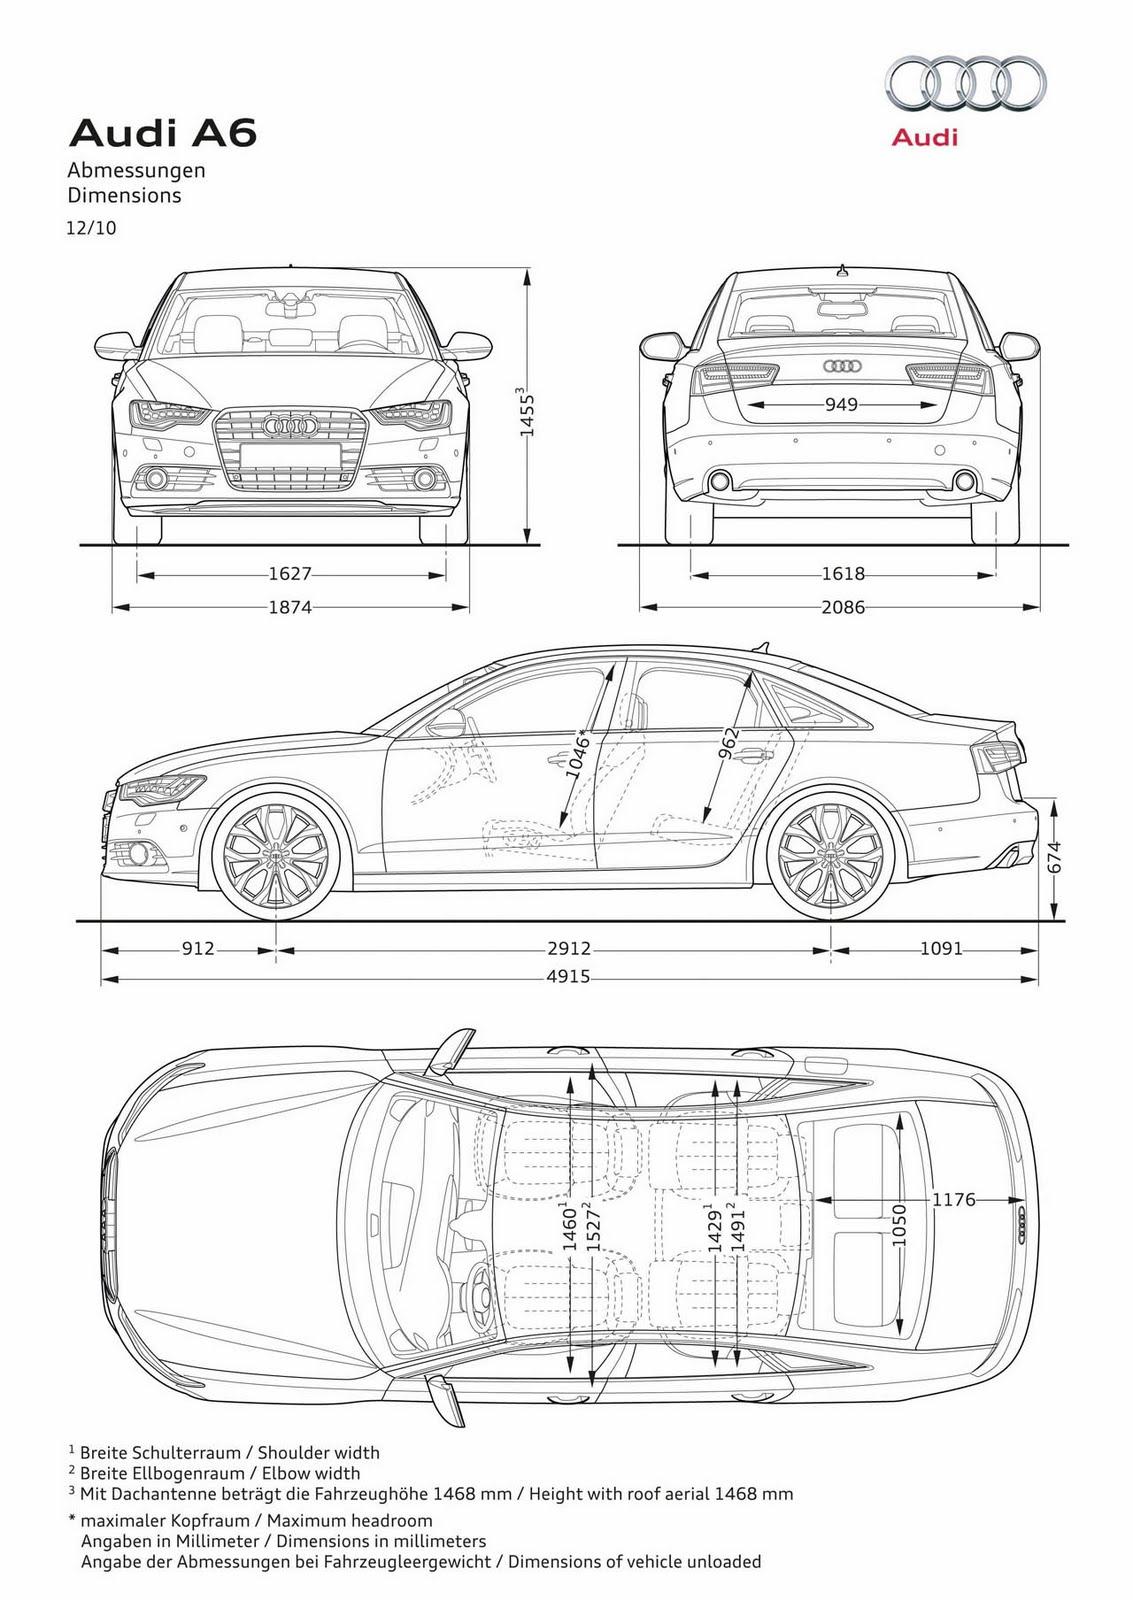 2012 Audi A6 Review Dimension